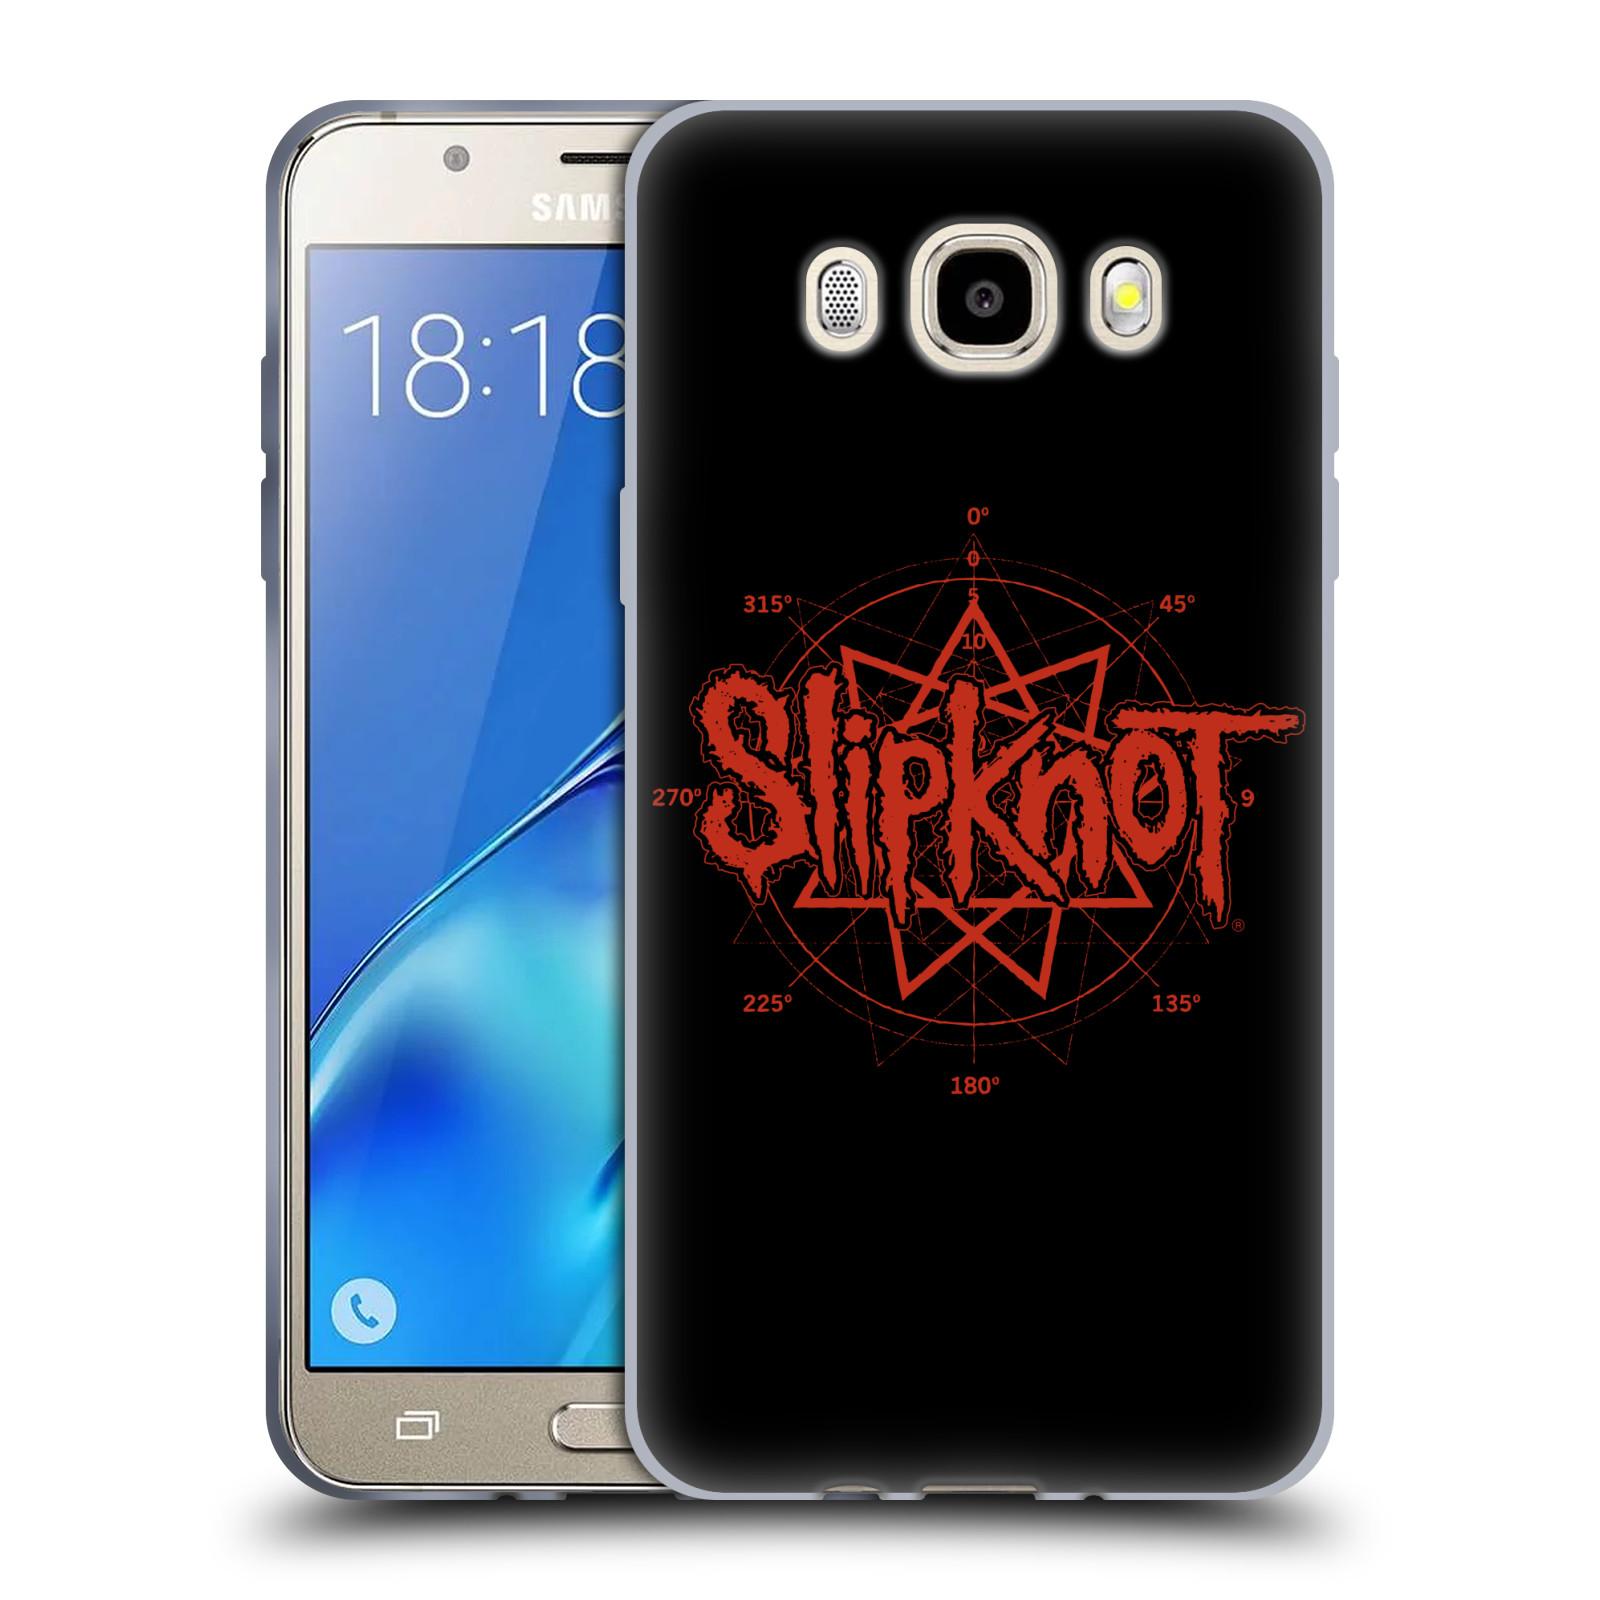 HEAD CASE silikonový obal na mobil Samsung Galaxy J5 2016 (J510) hudební skupina Slipknot logo